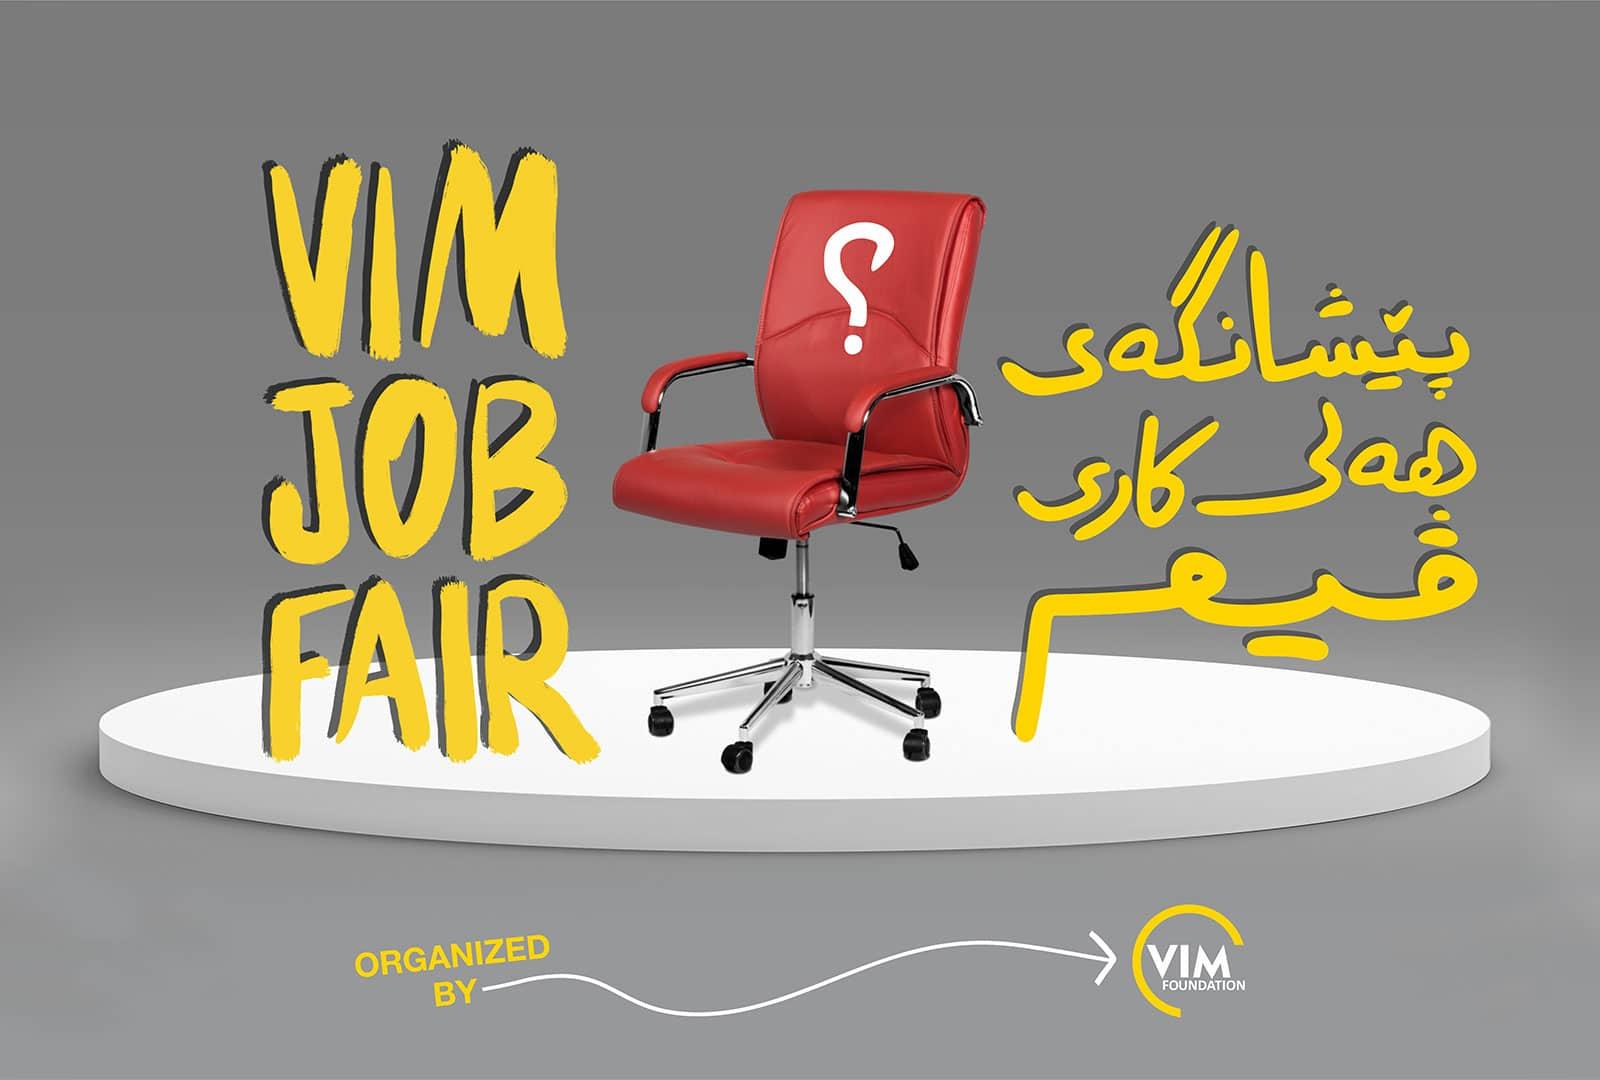 Vim Job Fair